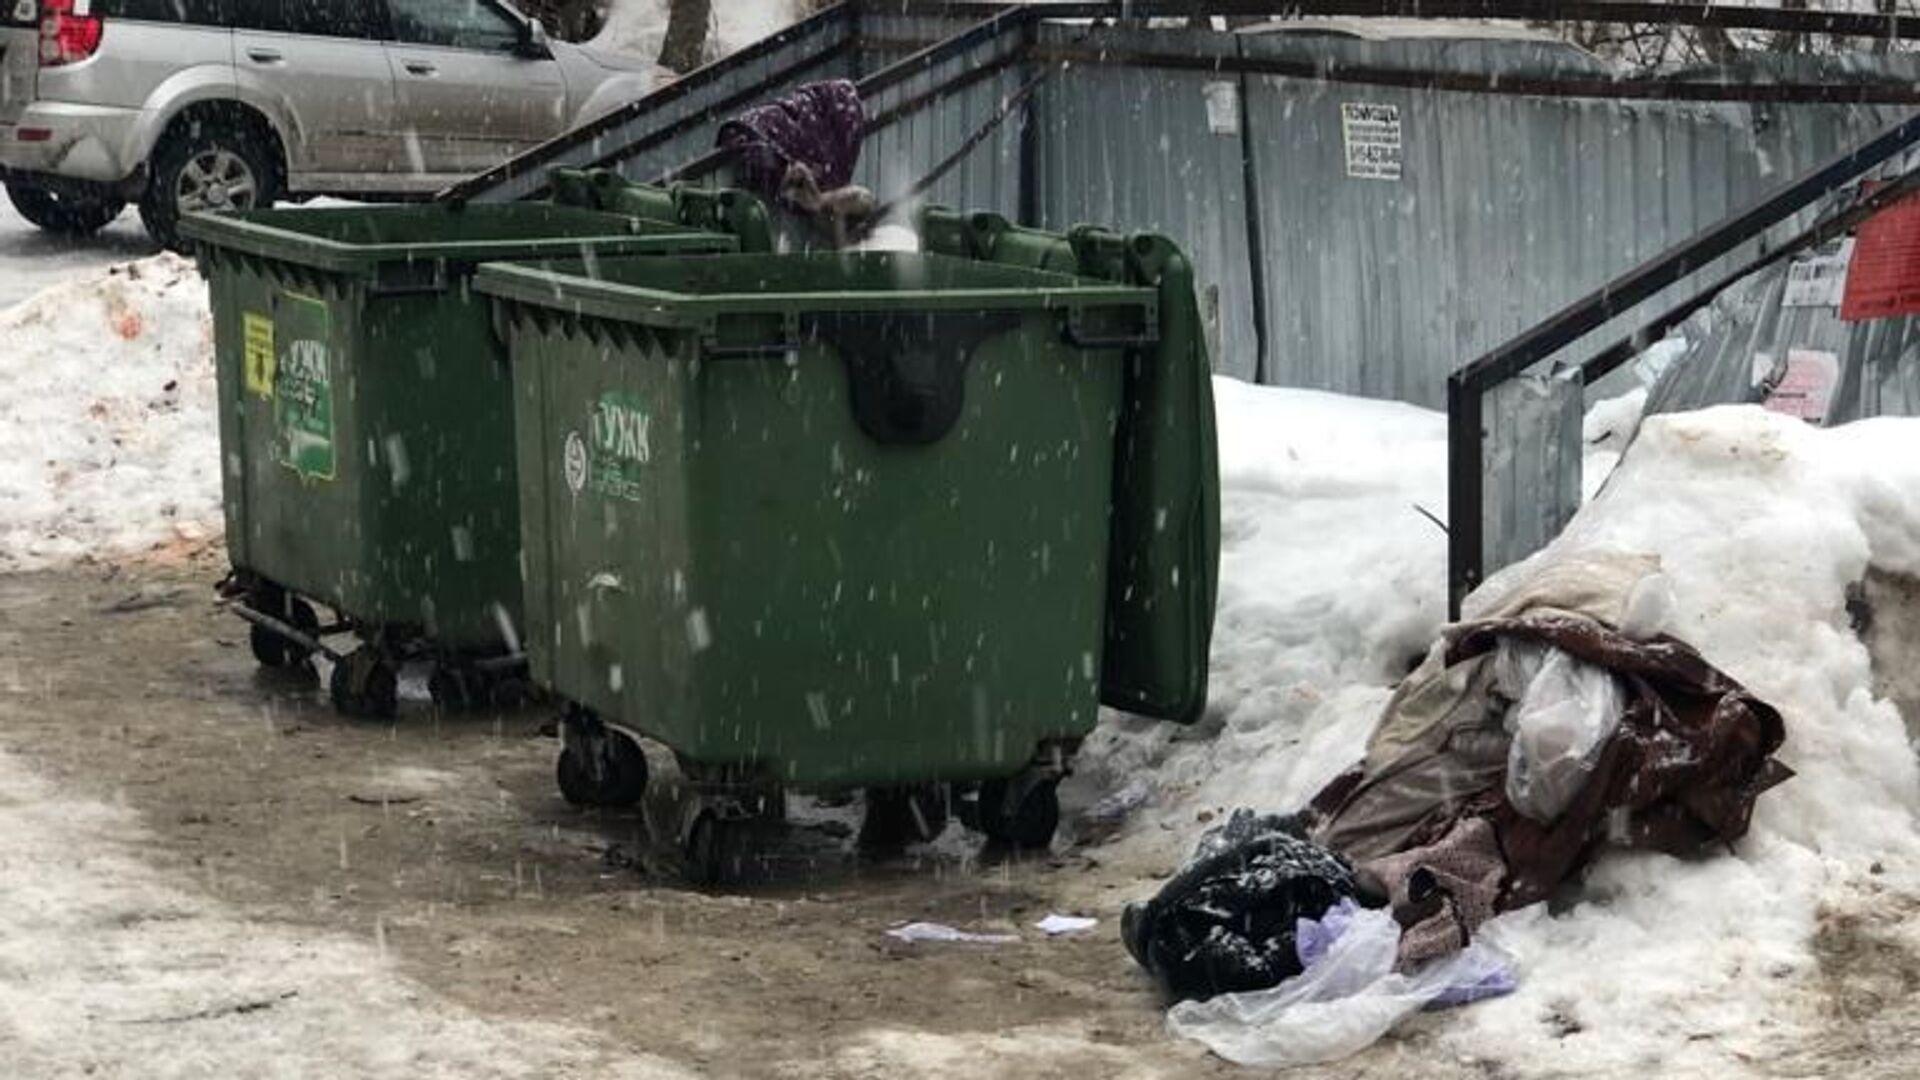 1551682304 0:296:768:728 1920x0 80 0 0 81cbcbe7f1099504b9c05b5ffef58e77 - В хабаровской мусорке нашли тело новорожденного ребенка